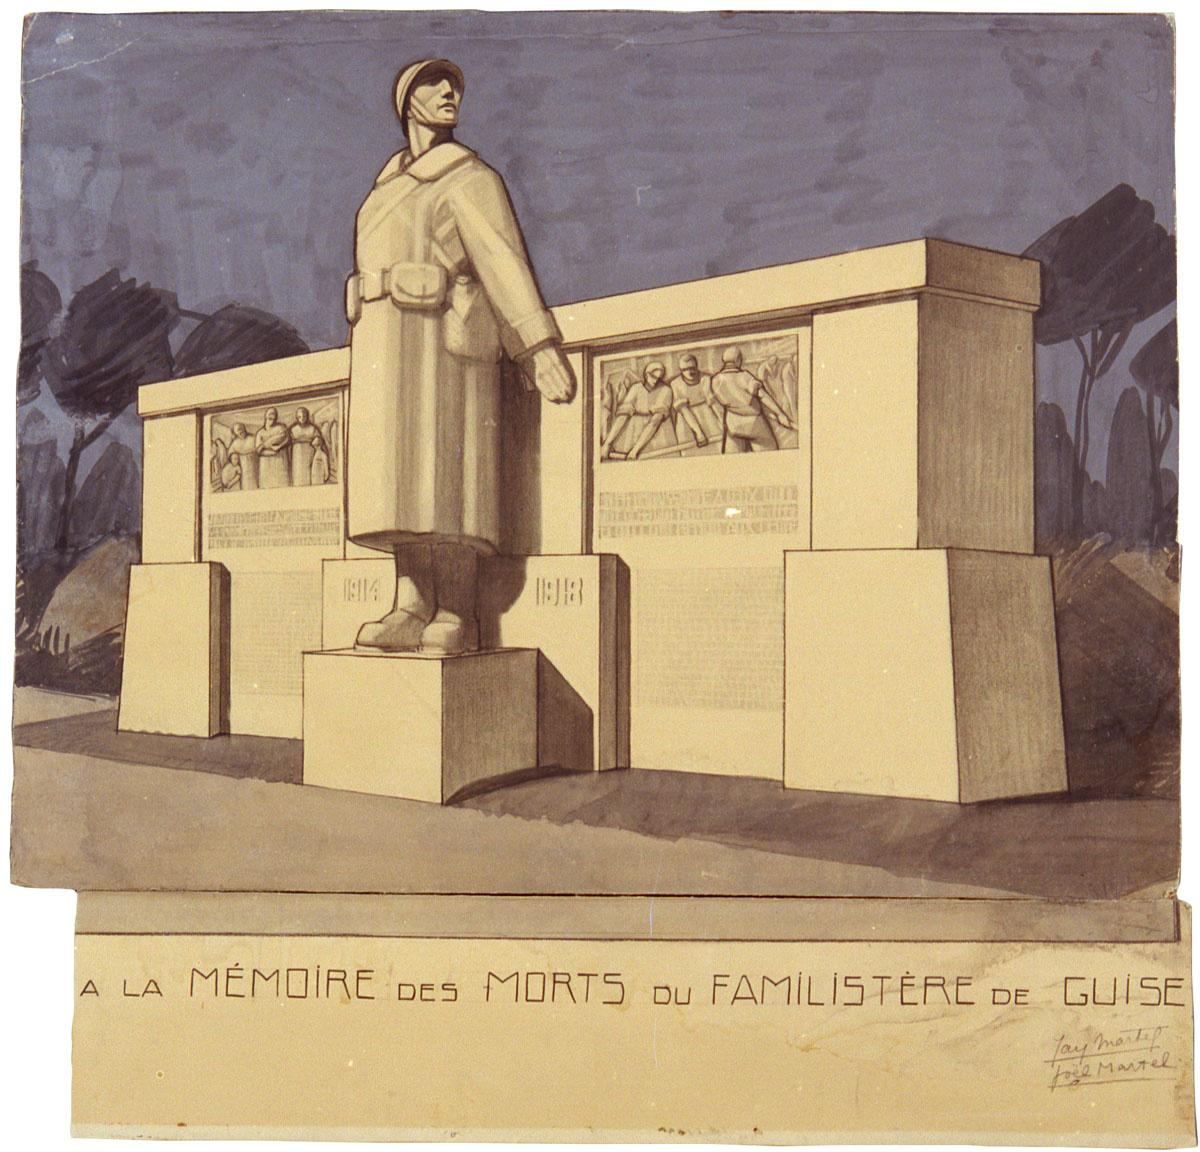 Le dessin représente le projet du monument aux morts du Familistère